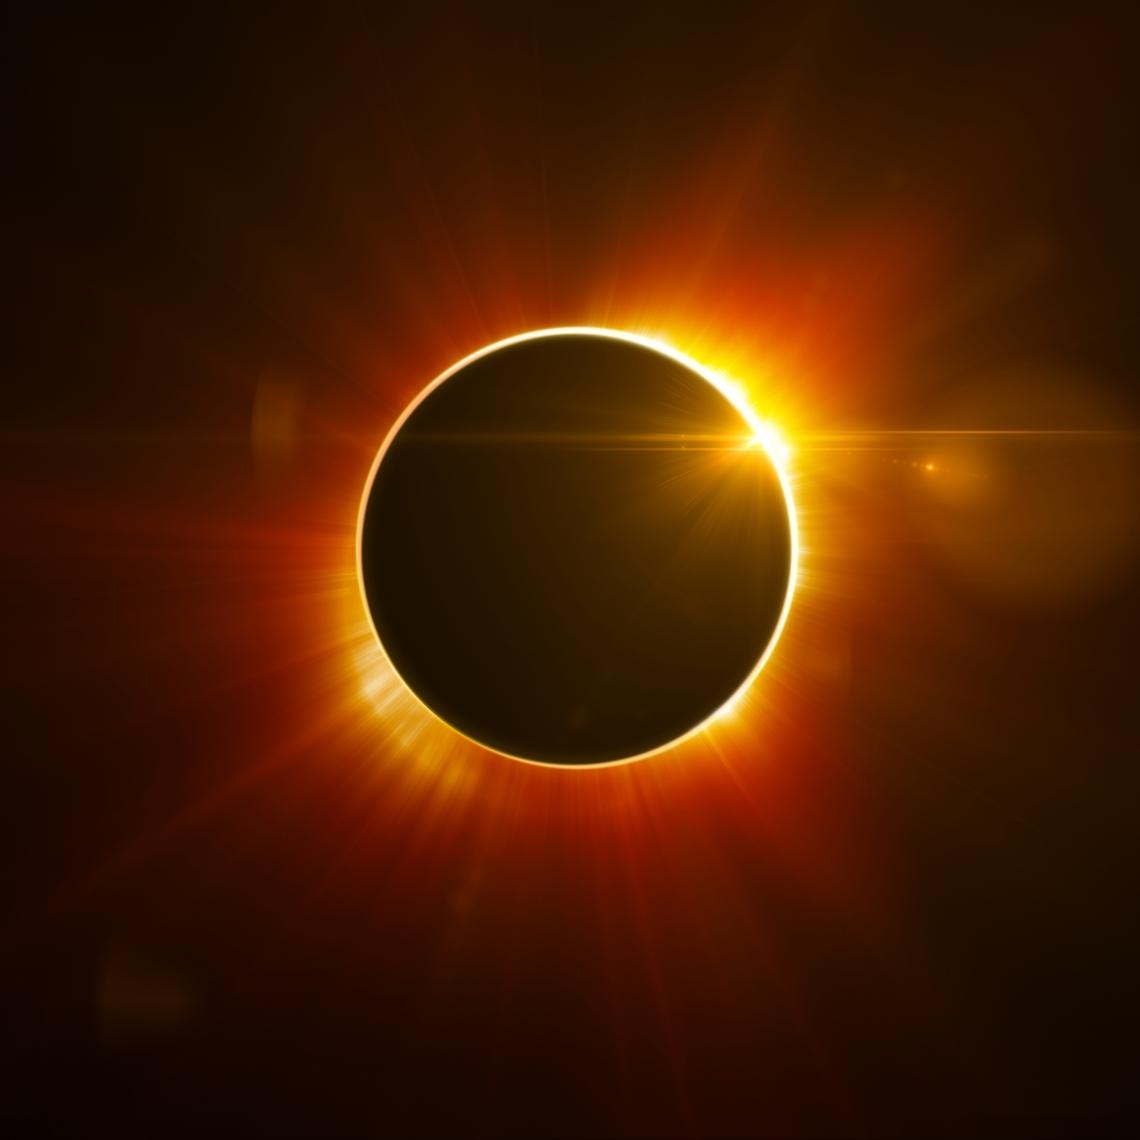 O eclipse do sol registrado no Ceará, em 1919, serviu para a comprovação da Teoria da Relatividade Geral, desenvolvida por Albert Einstein